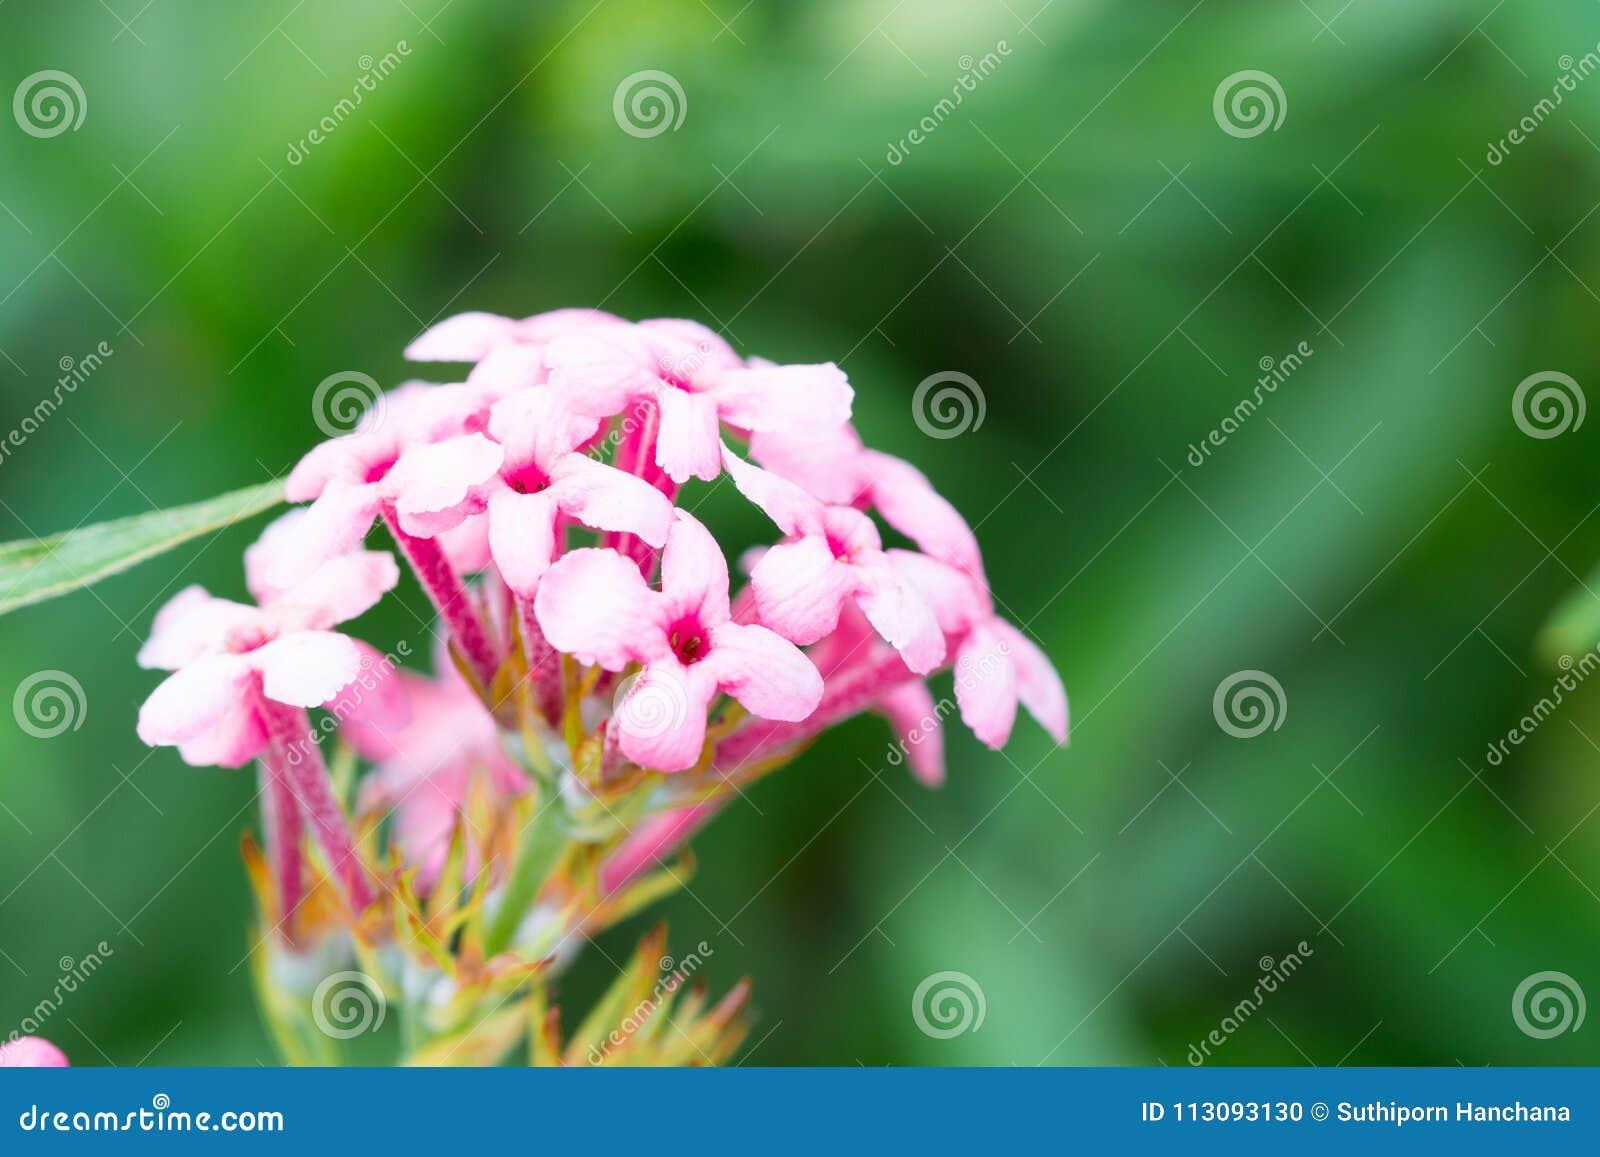 Ρόδινο Verbena, λουλούδι αποσαφήνισης απομονώνει την άνοιξη το καλοκαίρι